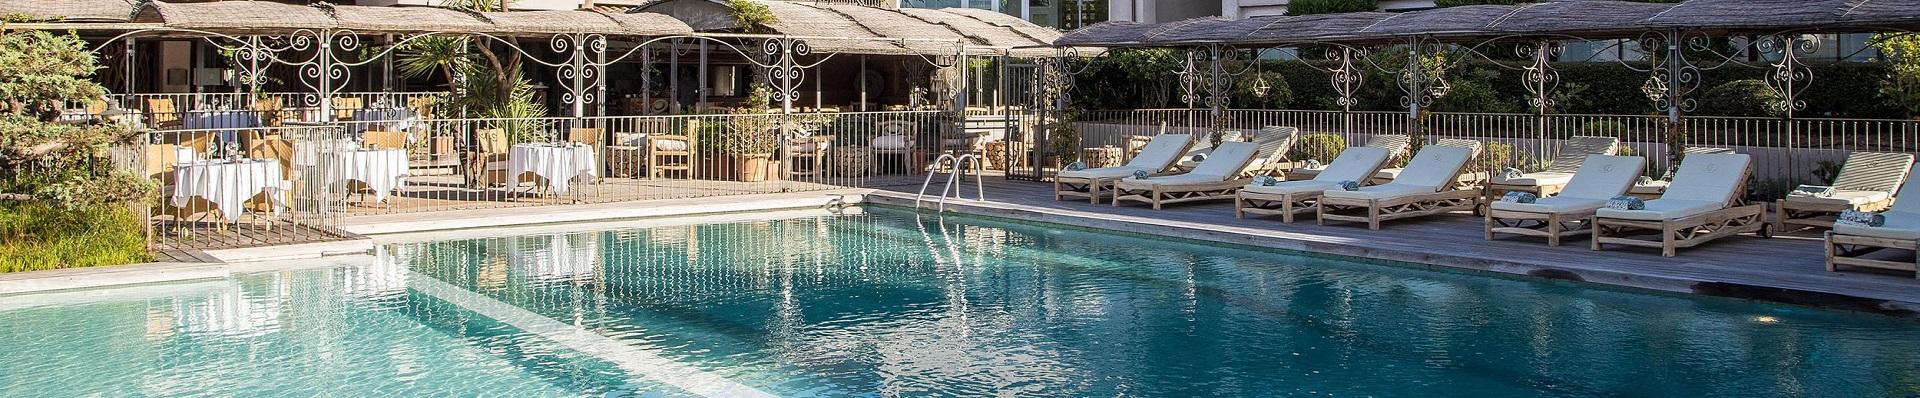 hotel-roi-theodore-et-spa-porto-vecchio-seminaires-de-caractere-incentive